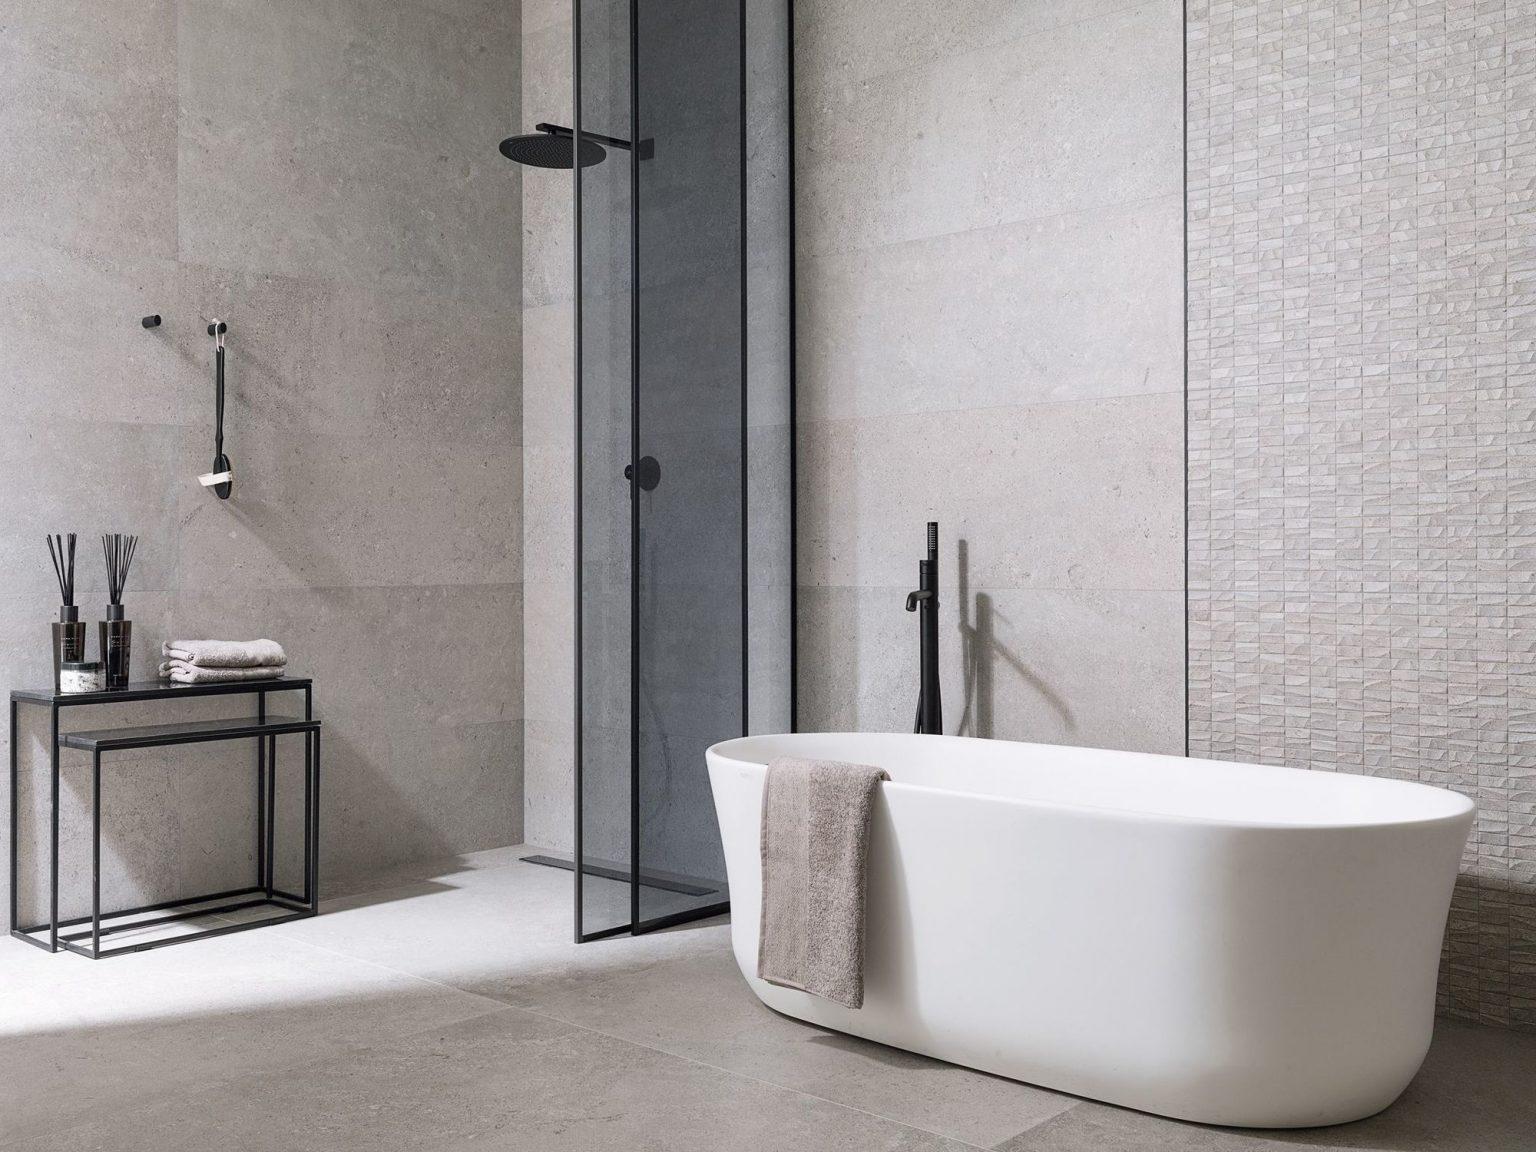 Badkamers met voorbeelden levensloopbestendige badkamer